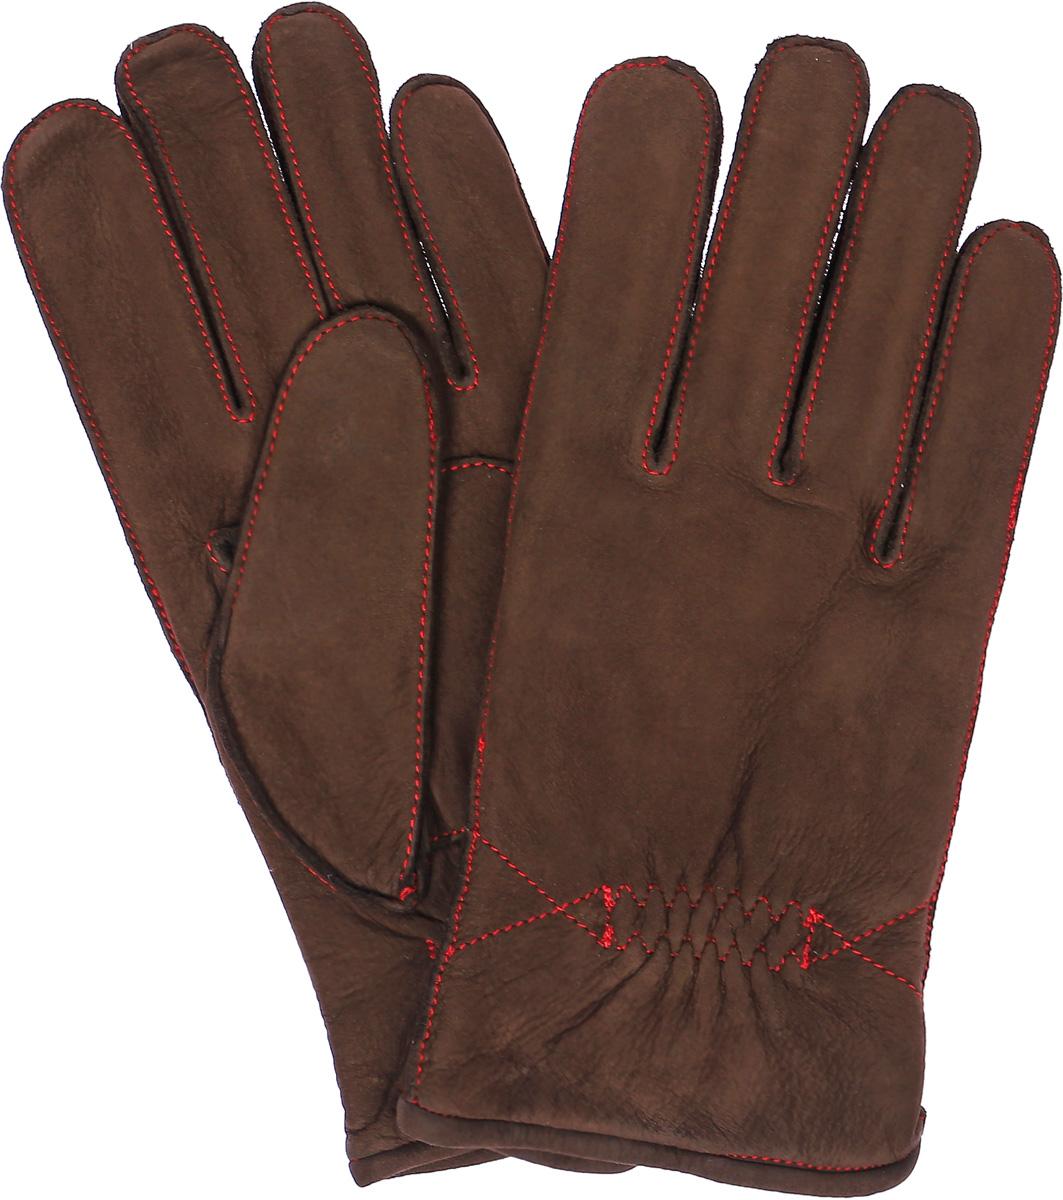 ПерчаткиN12_TORM/R.DBR//11Мужские перчатки Dali Exclusive не только защитят ваши руки, но и станут великолепным украшением. Перчатки выполнены из натурального нубука, а подкладка - из высококачественной шерсти. Модель оформлена декоративными прострочками.